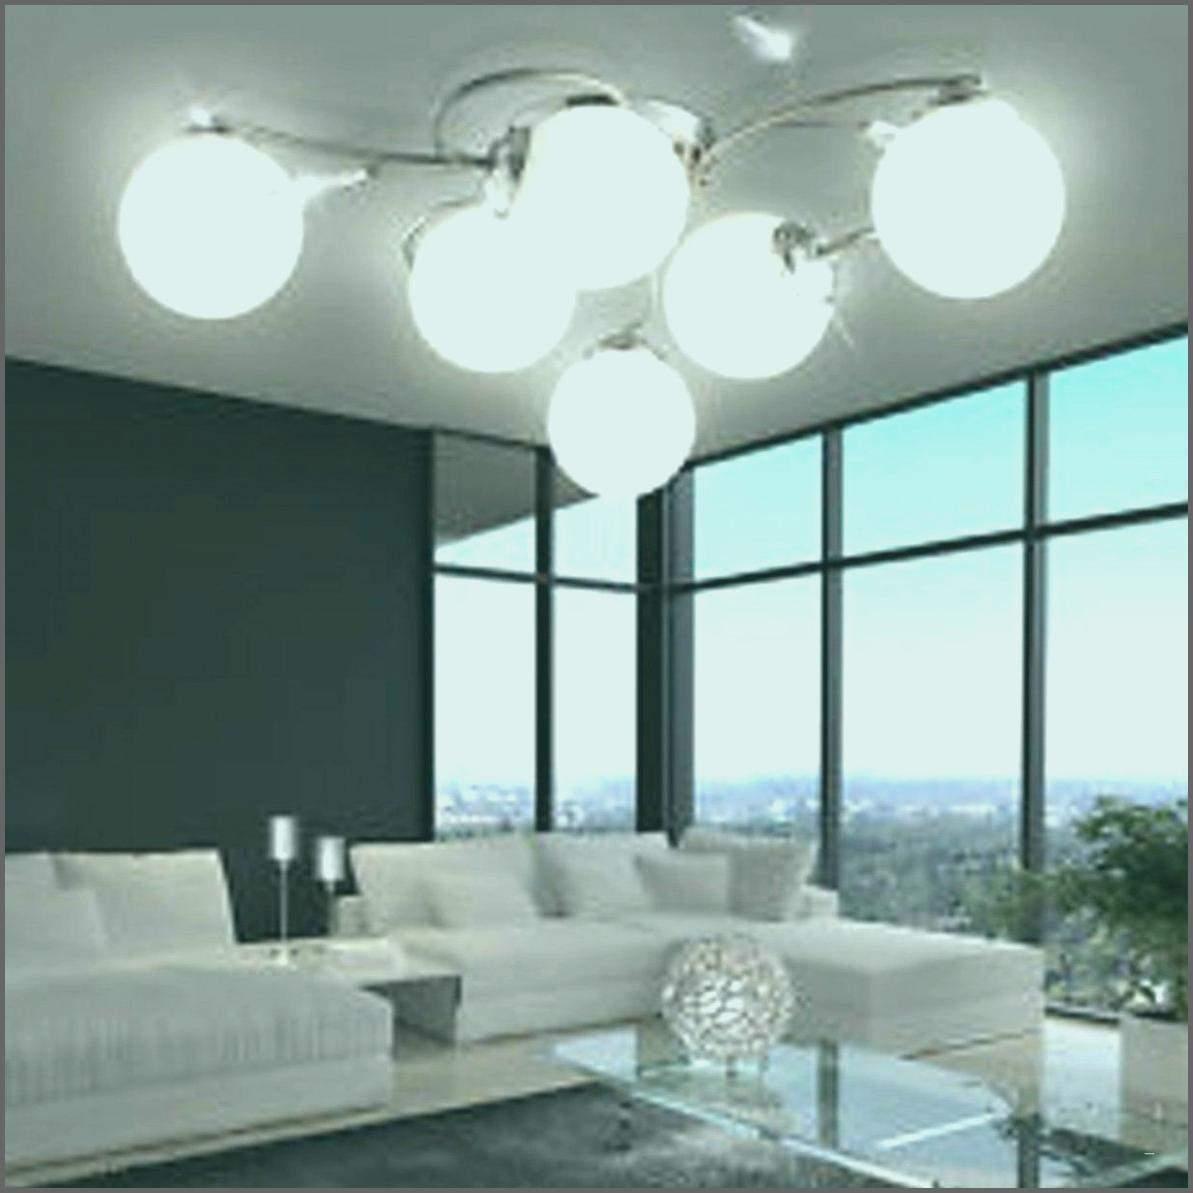 Full Size of Deckenlampe Wohnzimmer Dimmbar Reizend 34 Groartig Und Perfekt Gardinen Für Stehlampe Stehleuchte Hängeschrank Küche Schlafzimmer Decke Moderne Wohnzimmer Wohnzimmer Lampe